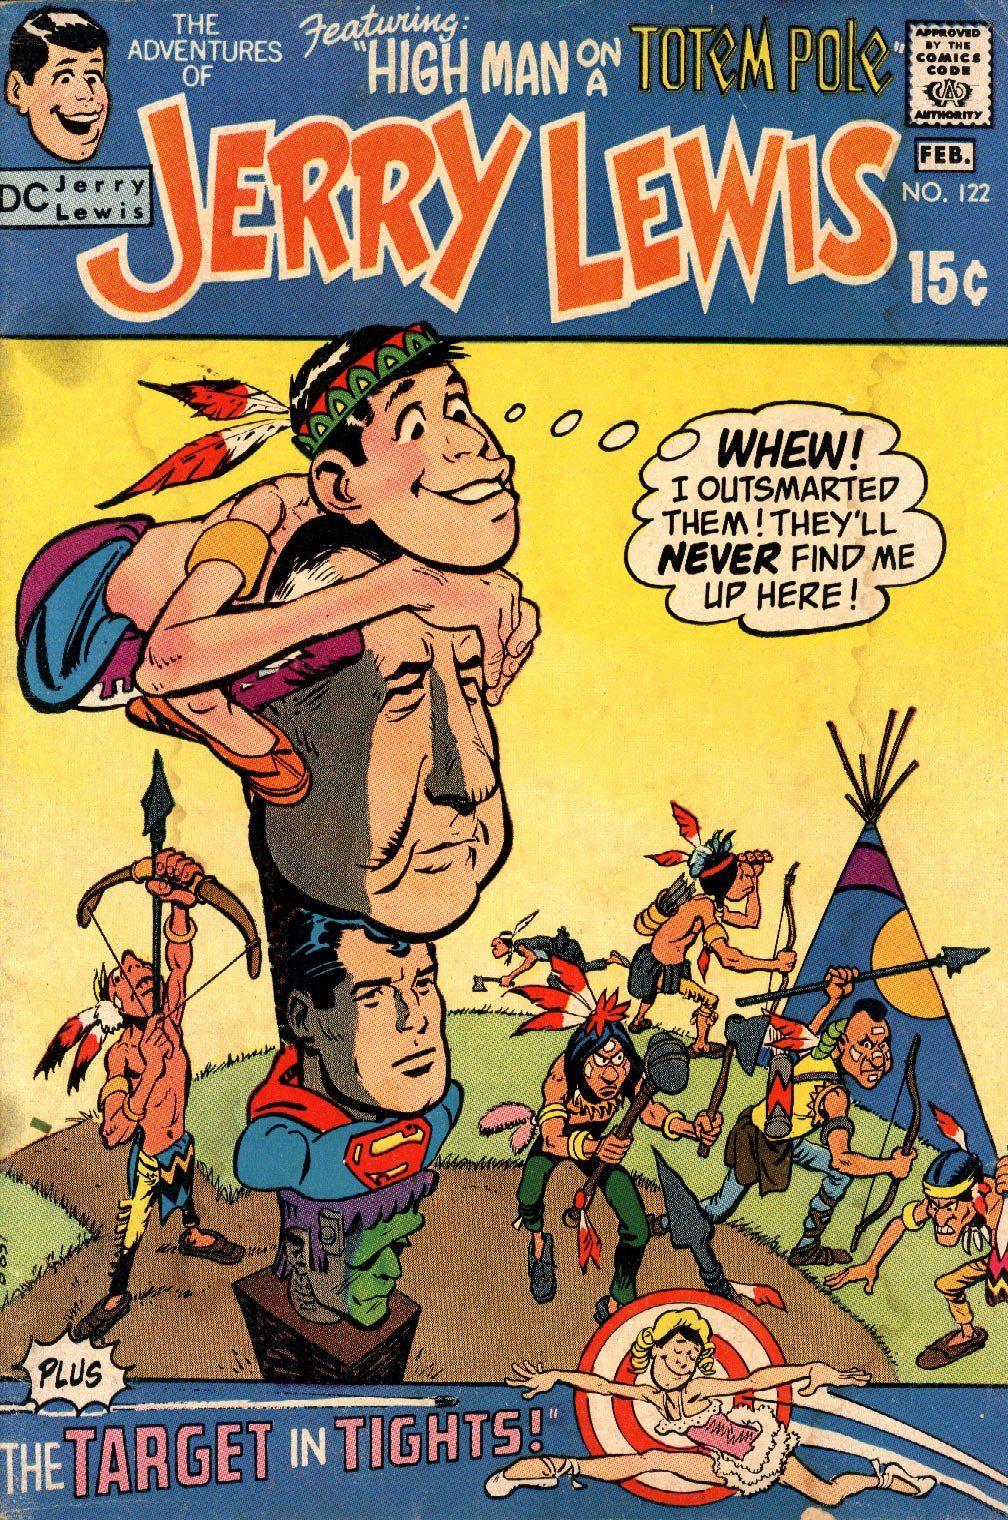 Pin De Shawn Belschwender Em Funnymen In The Funny Pages Capas De Quadrinhos Quadrinhos Gibi